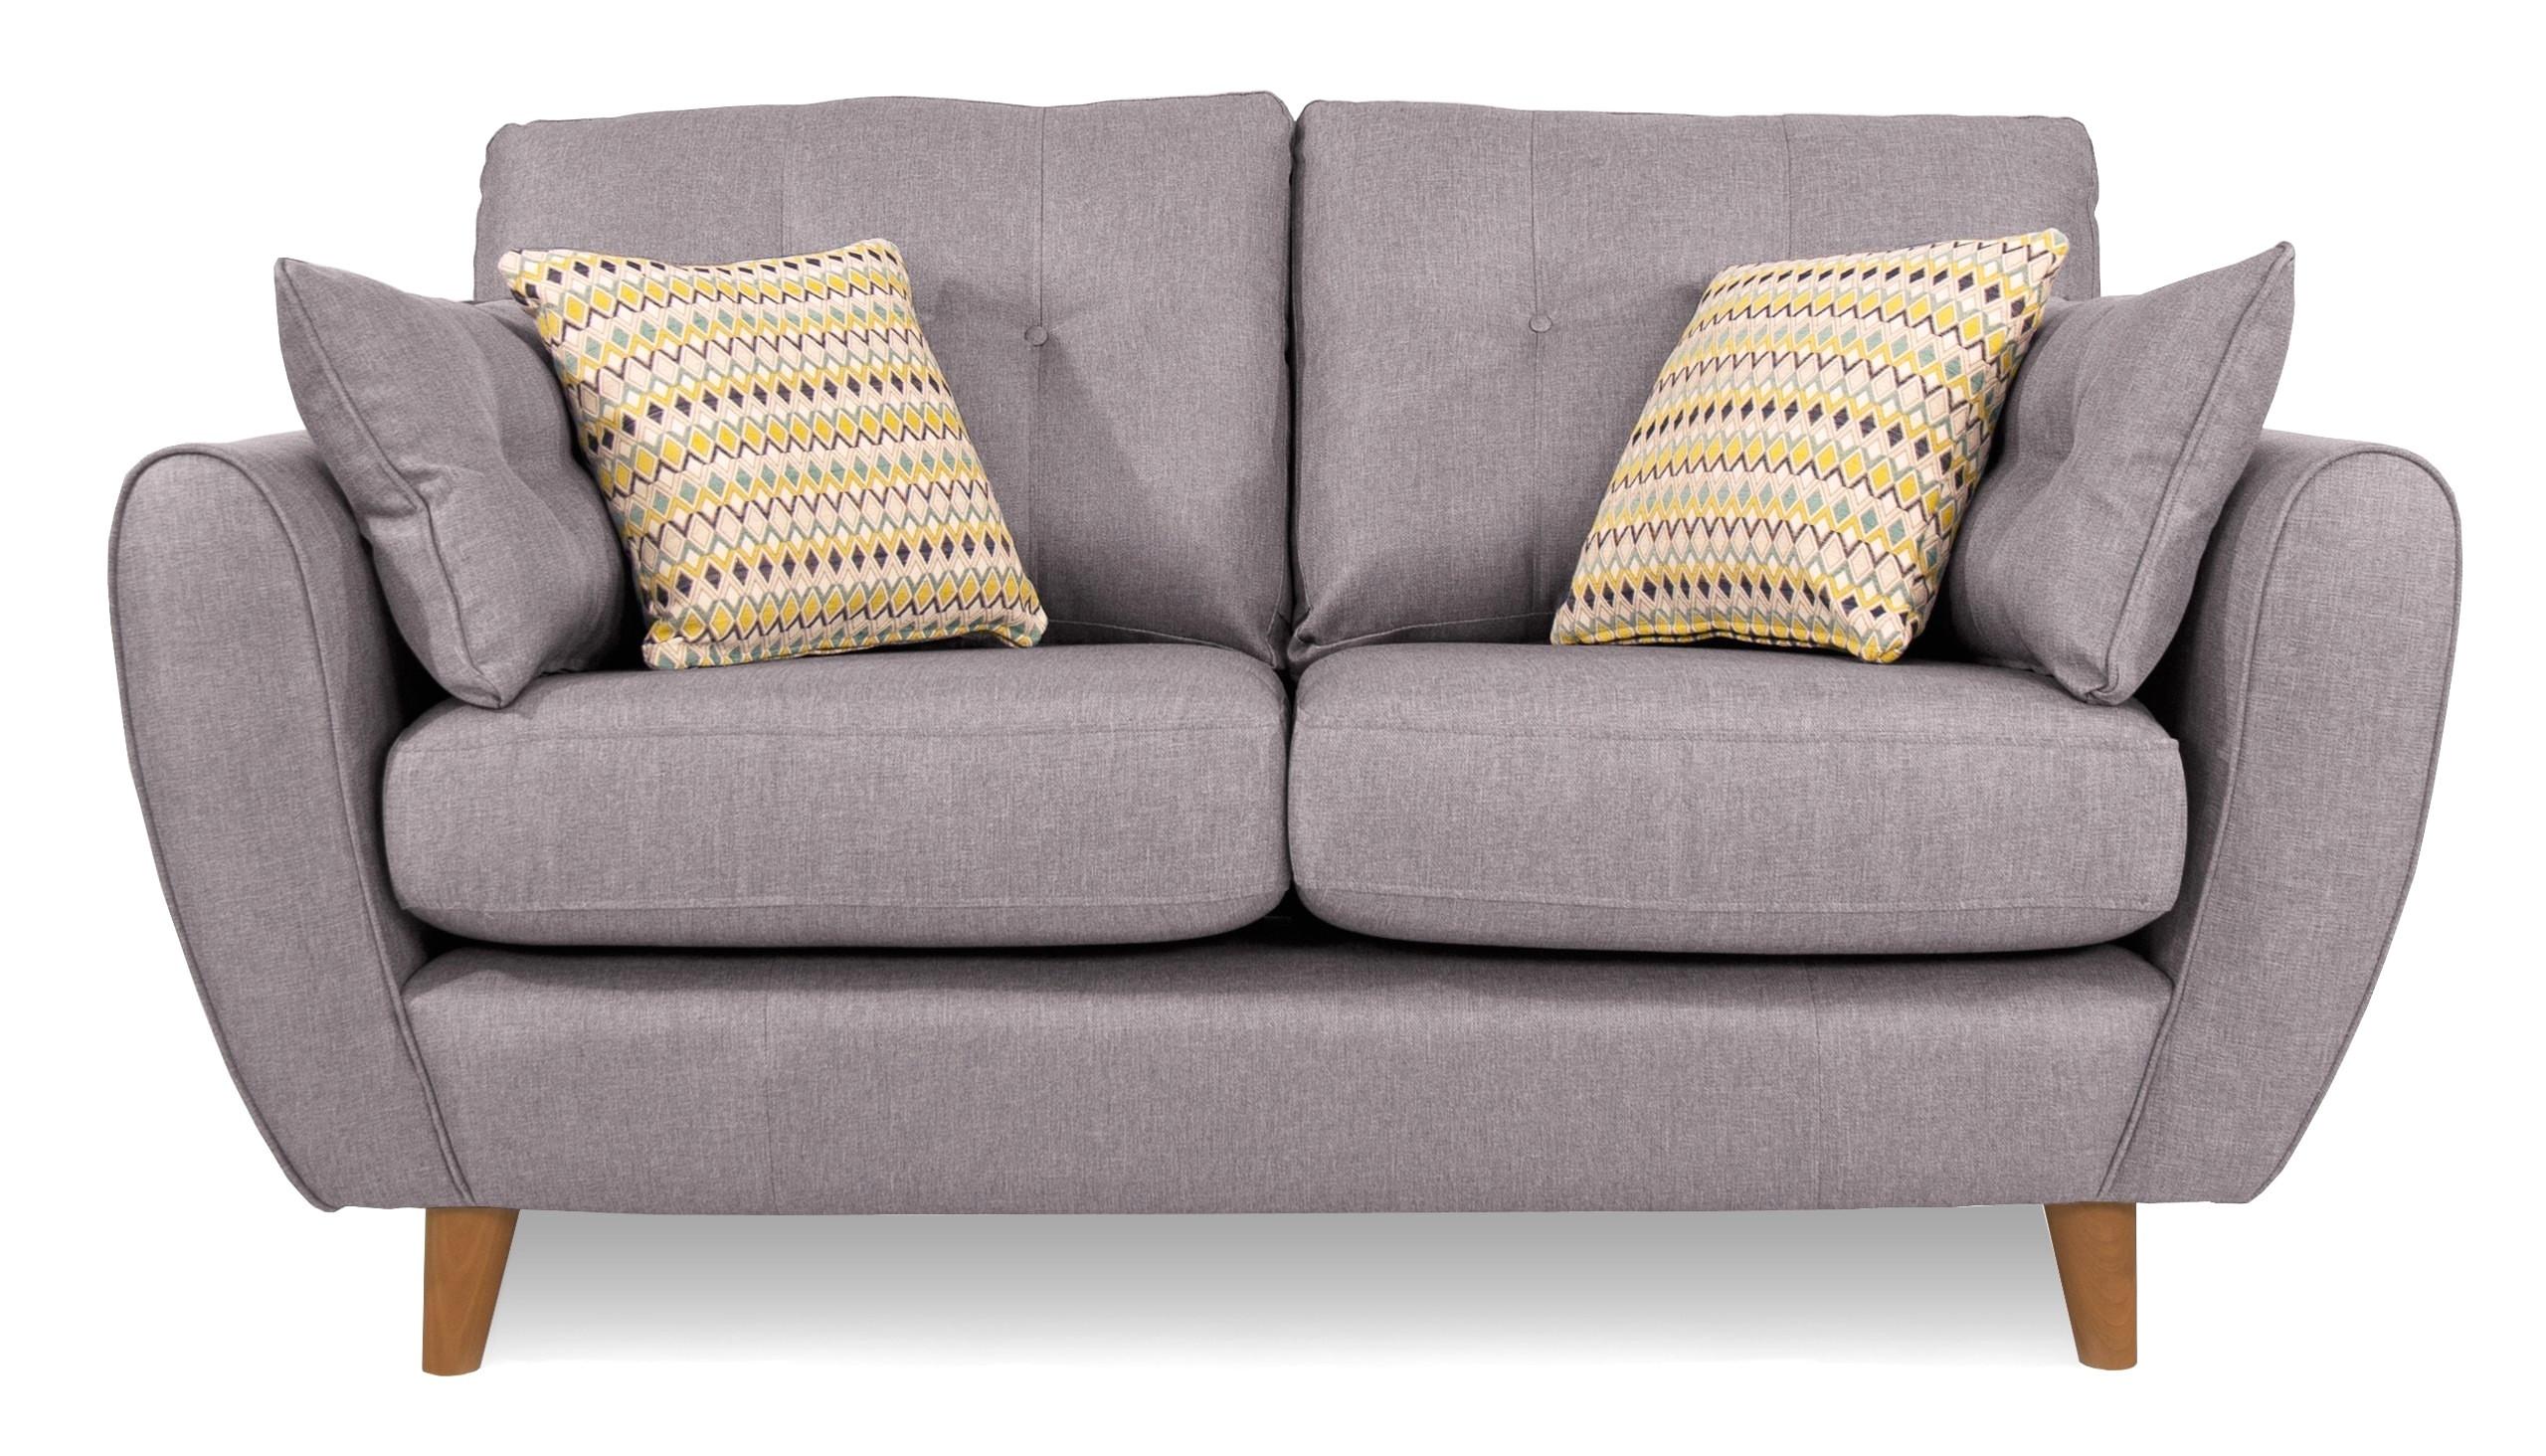 ikea schlafsofa solsta einzigartig 50 beautiful ikea solsta sleeper sofa graphics 50 s sammlung